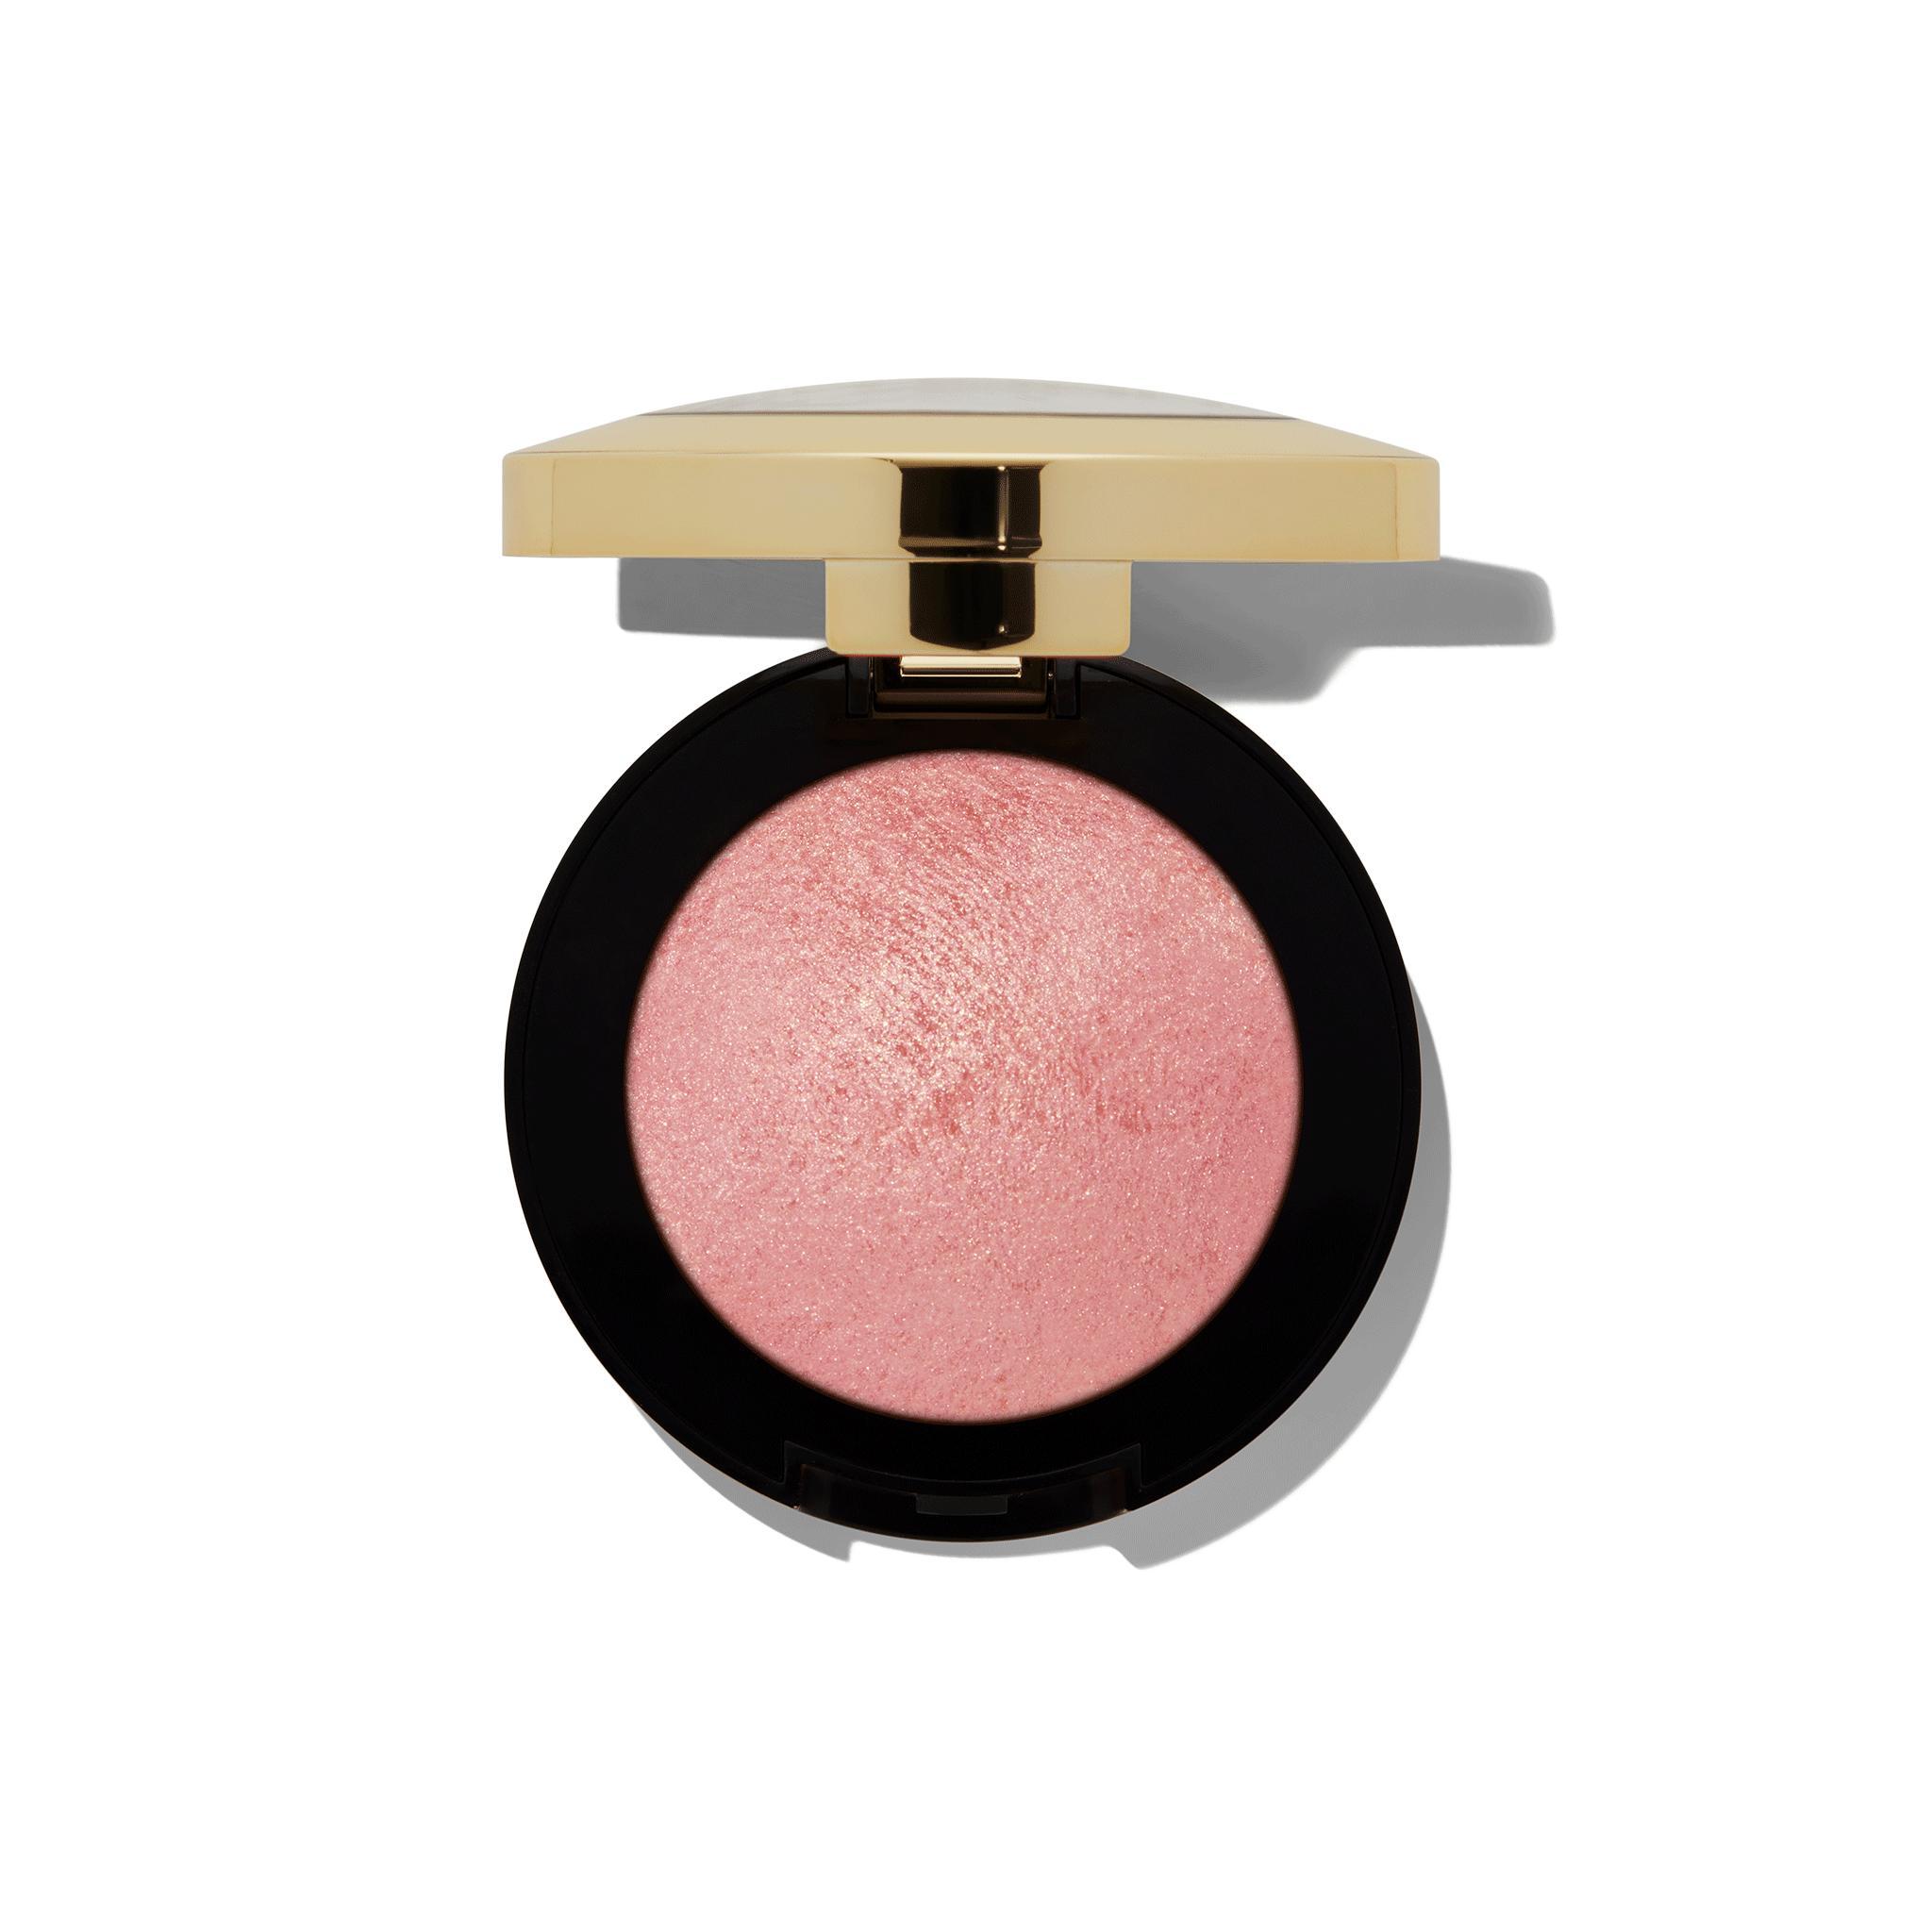 Milani Baked Blush - 01 Dolce Pink